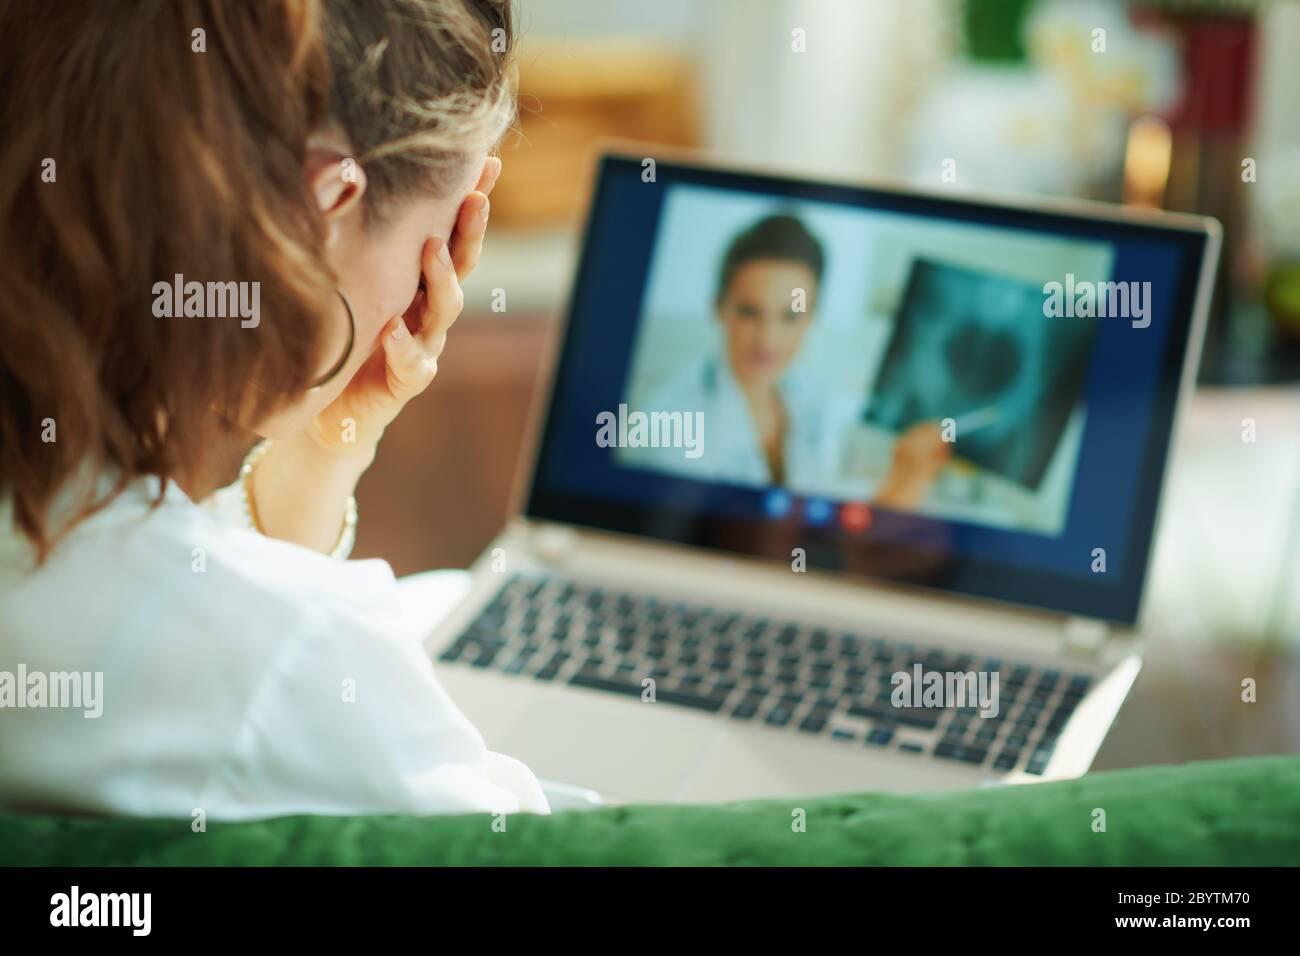 Vue de derrière une femme parlant avec un médecin utilisant la télé-technologie de santé sur un ordinateur portable tout en étant assise sur un canapé dans la maison par temps ensoleillé. Banque D'Images